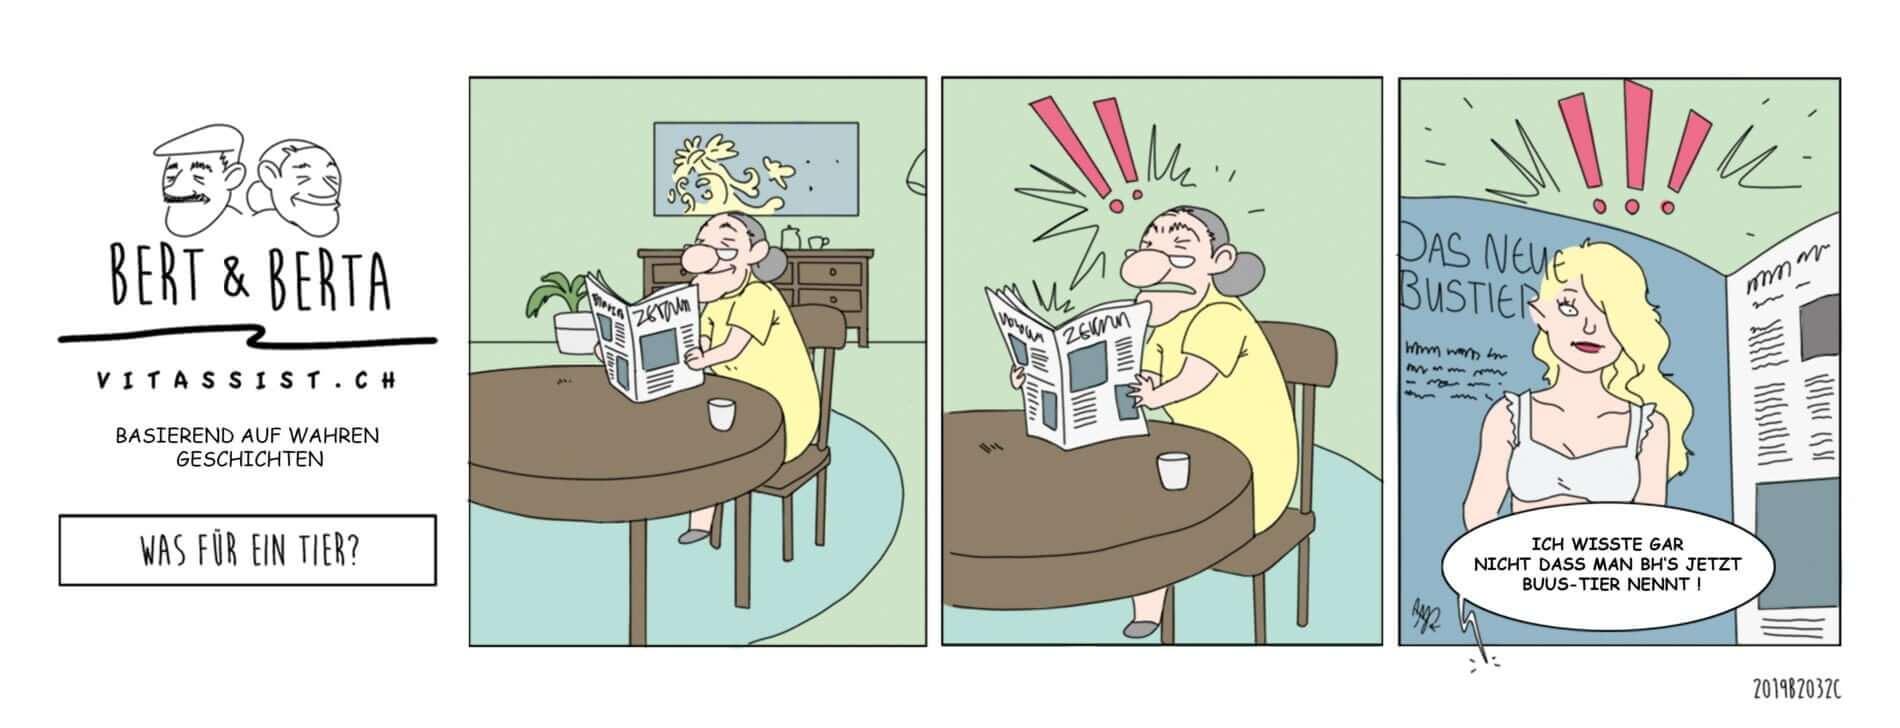 """Berta liest im Wohnzimmer interessiert die aktuelle Zeitung, bis ihr ein Inserat mit der Überschrift """"Das neue Bustier"""" ins Auge springt: """"Ich wusste gar nicht, dass man BH's jetzt auch Buus-Tier nennt!"""""""